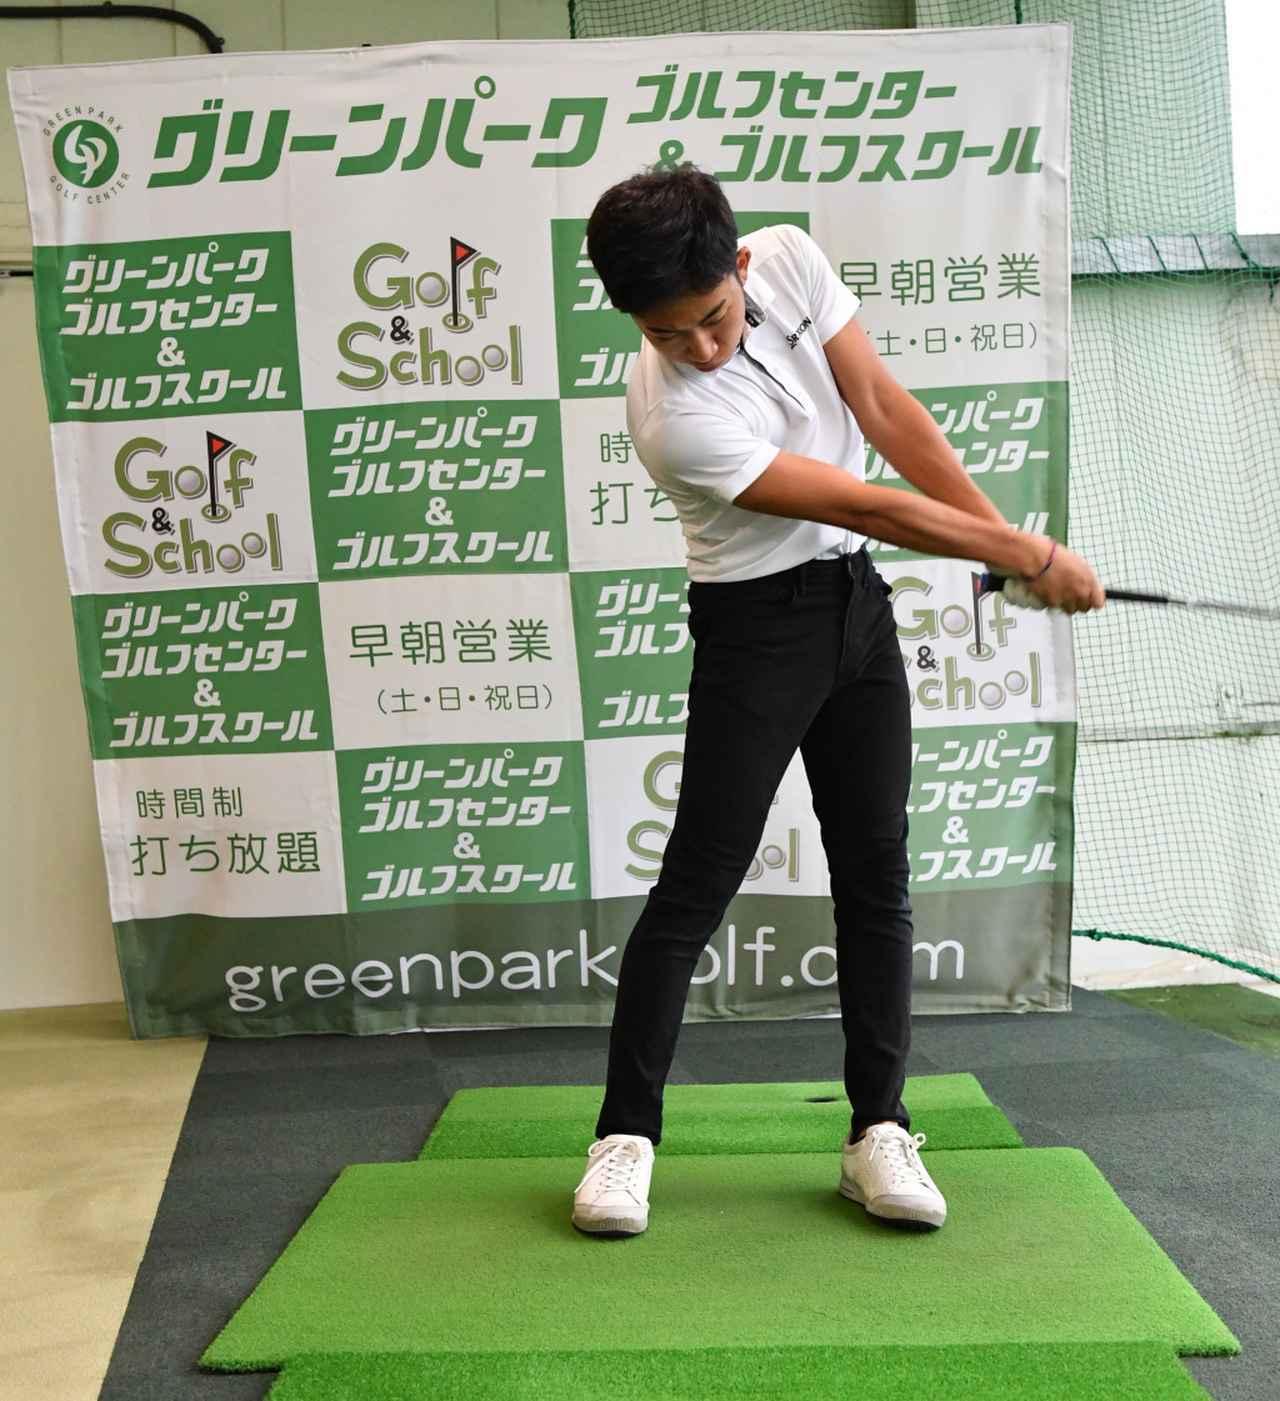 画像4: 【通勤GD】かなり気をつけて振らないと体が右にズレてしまう。それなら1軸を意識してトップから鋭く叩こう